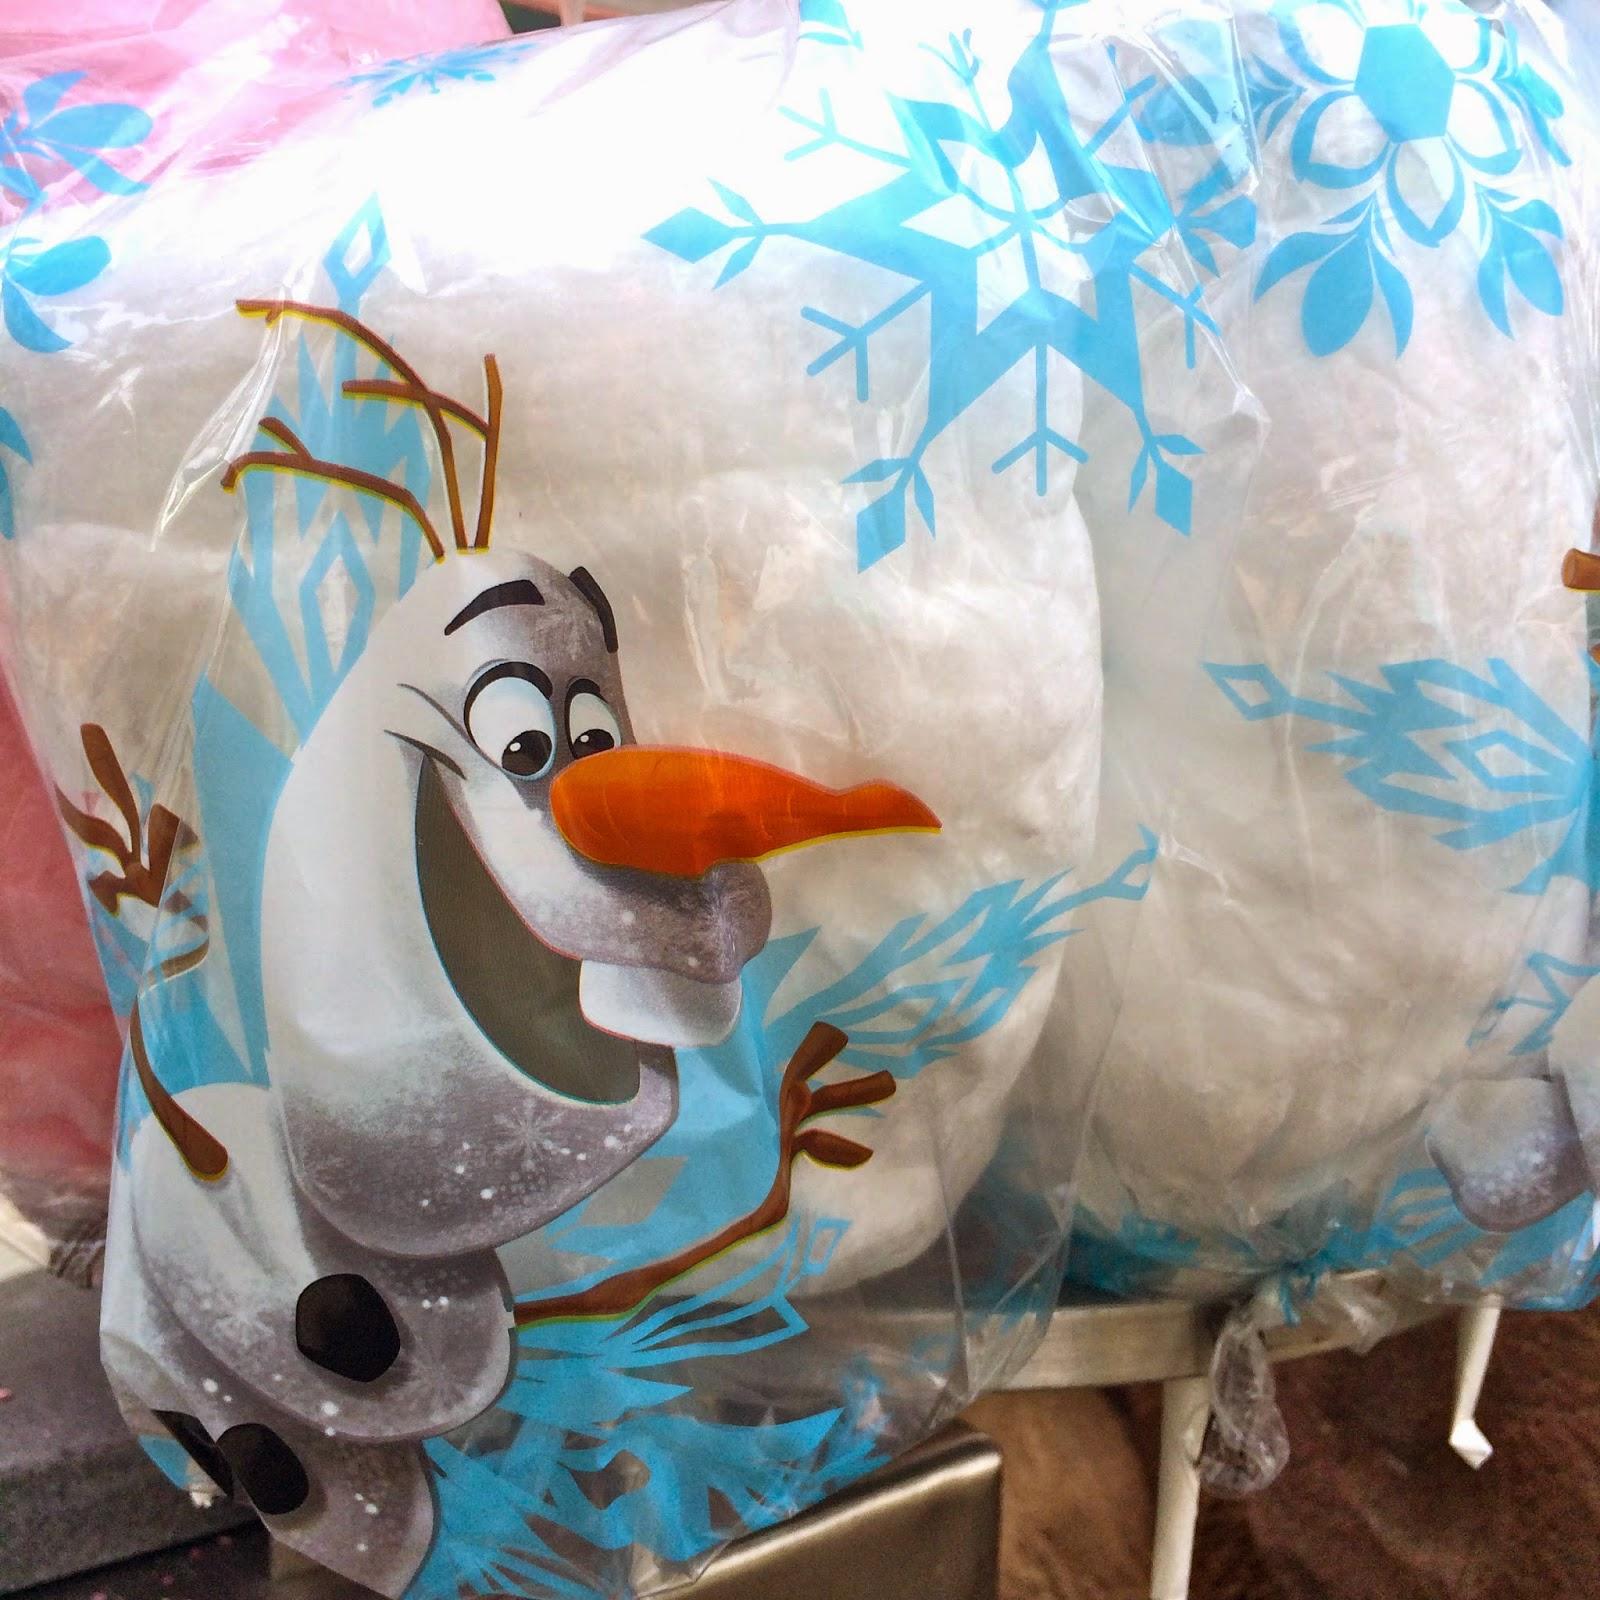 Disney Sisters Frozen Summer Fun Guide To Walt Disney World